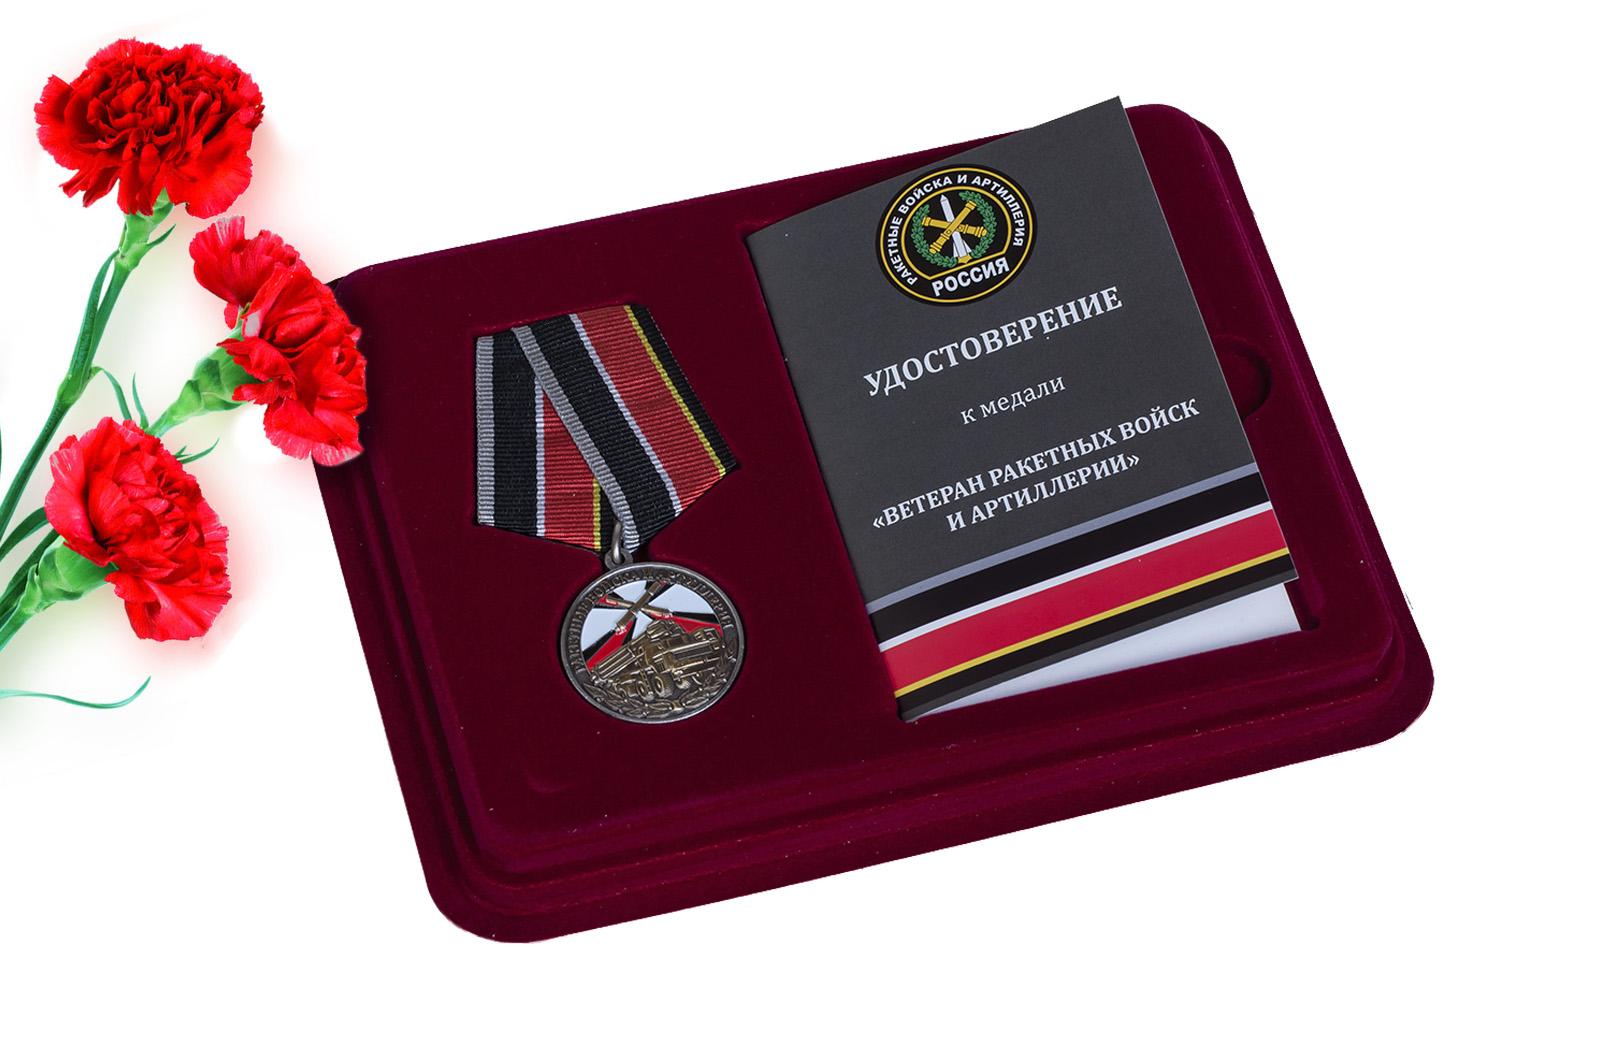 Купить медаль Ветеран РВиА в футляре с удостоверением оптом или в розницу